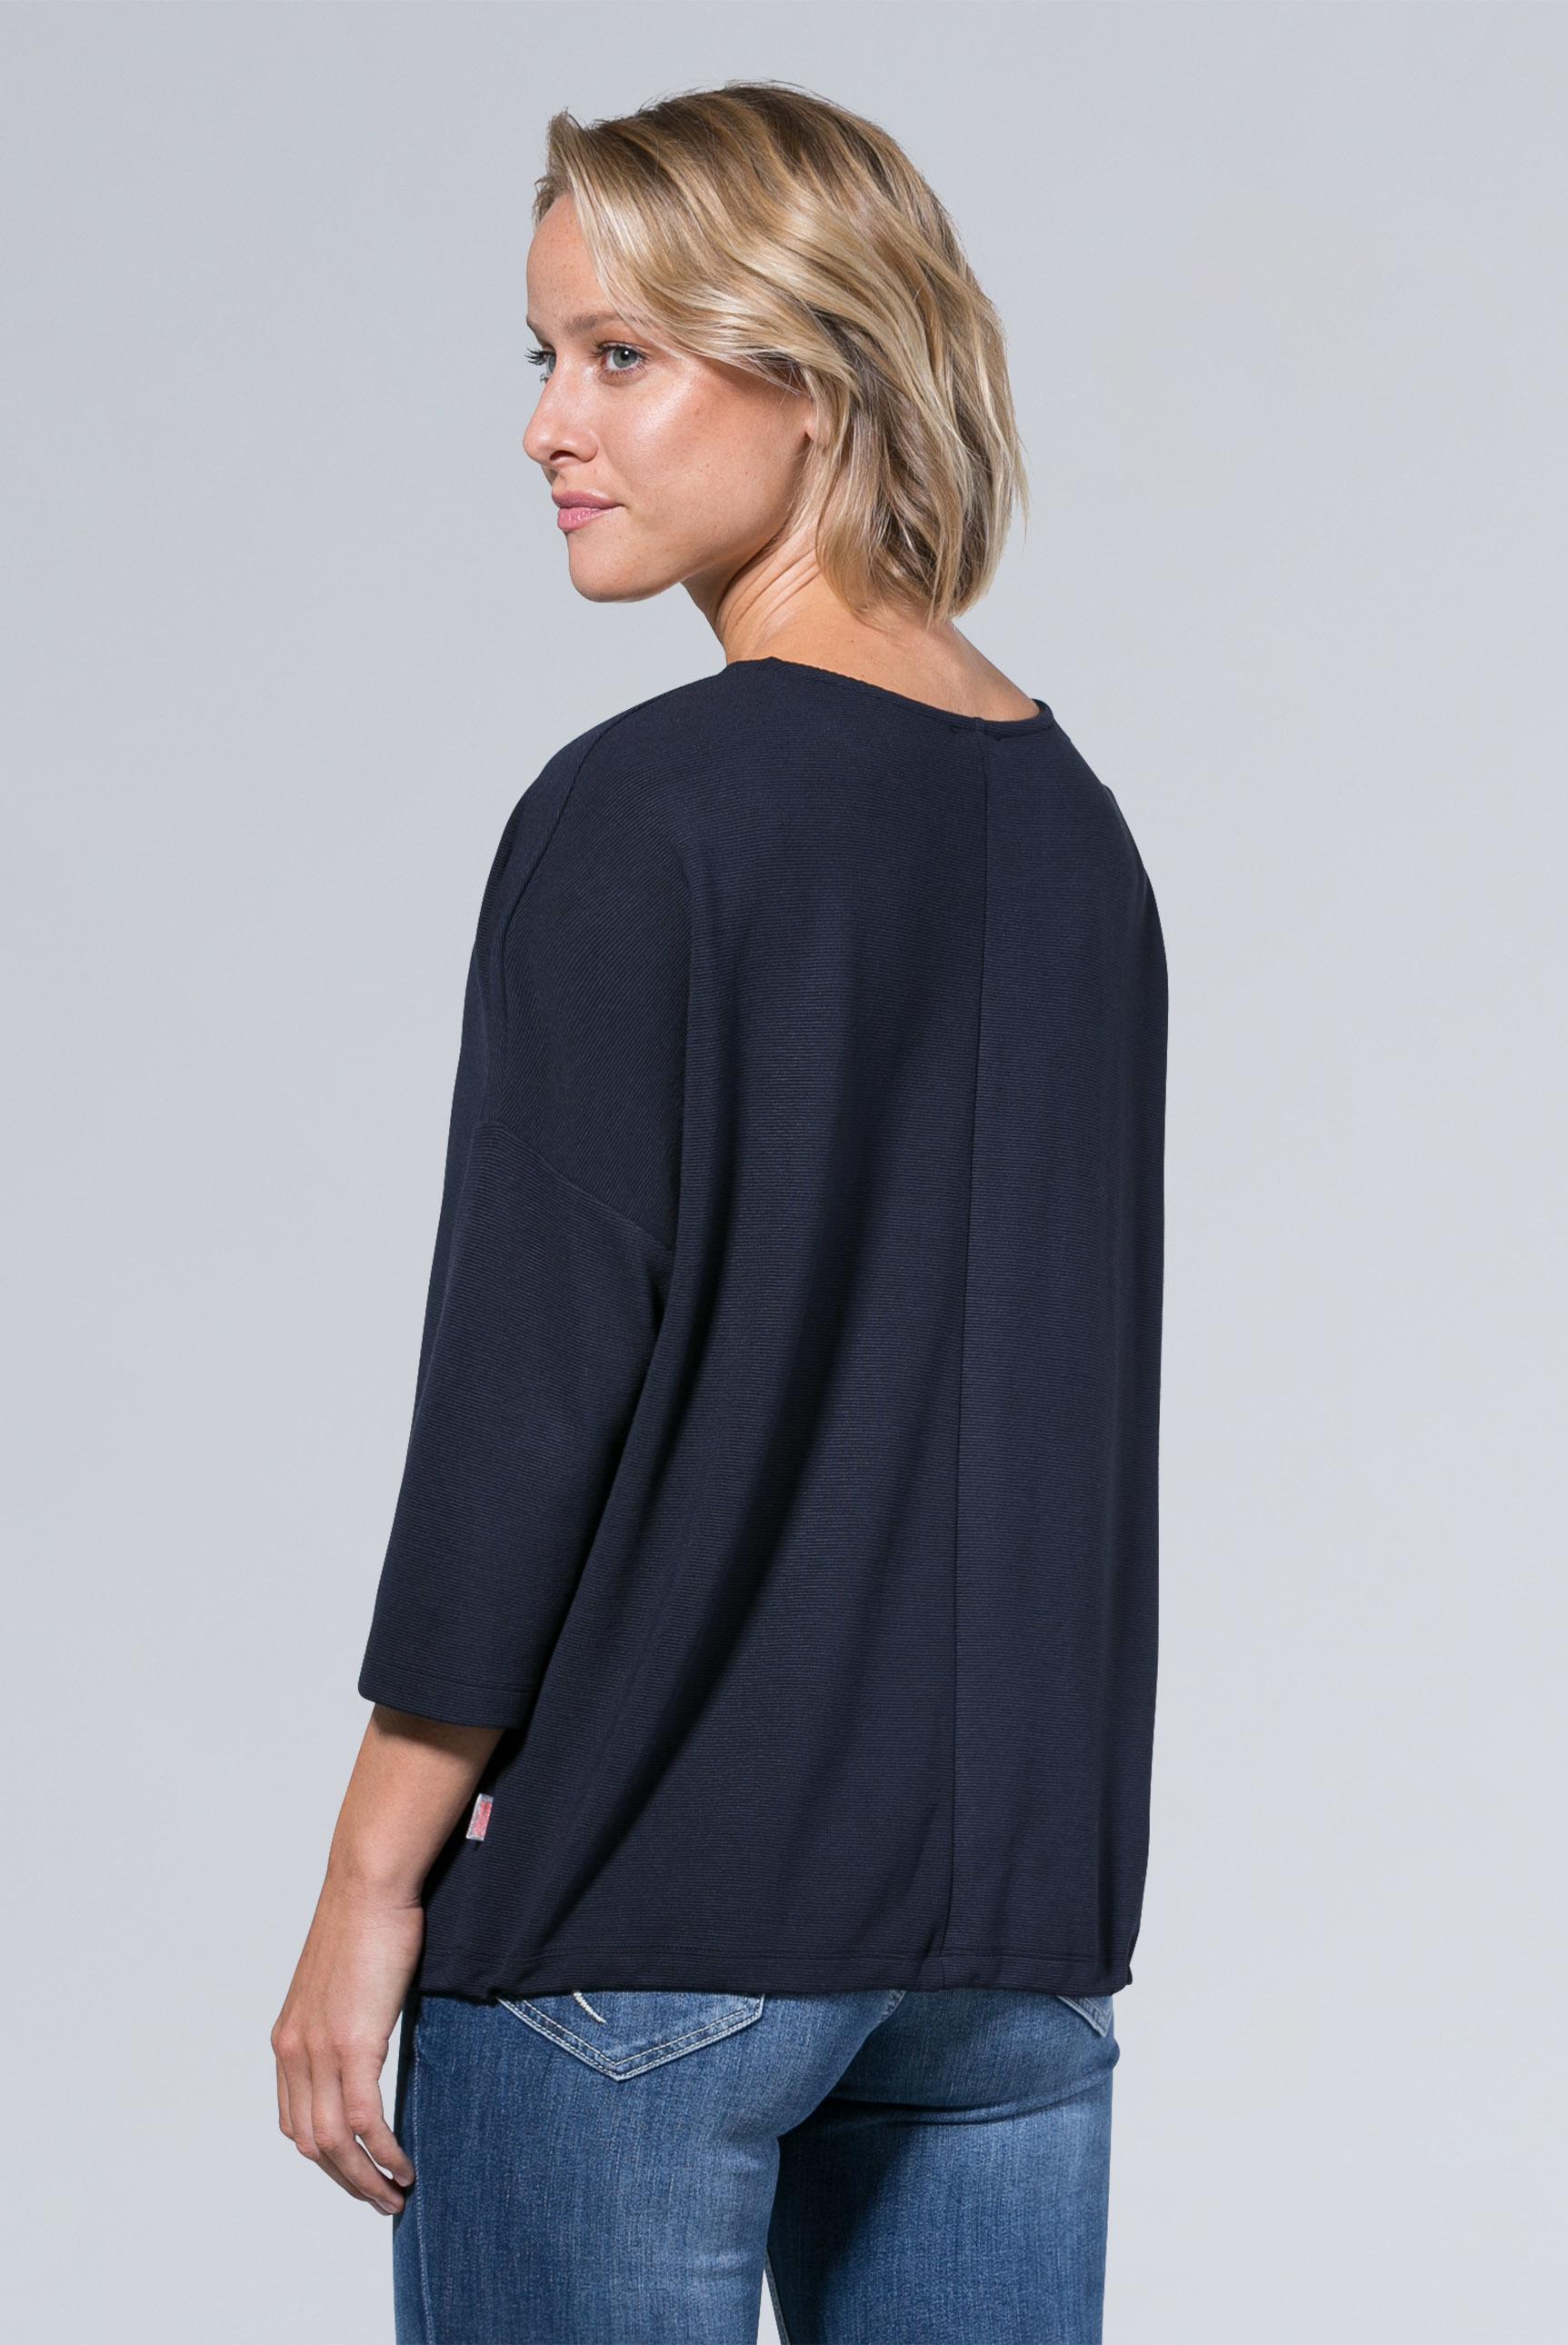 Strukturiertes Sweatshirt mit 3/4-Arm